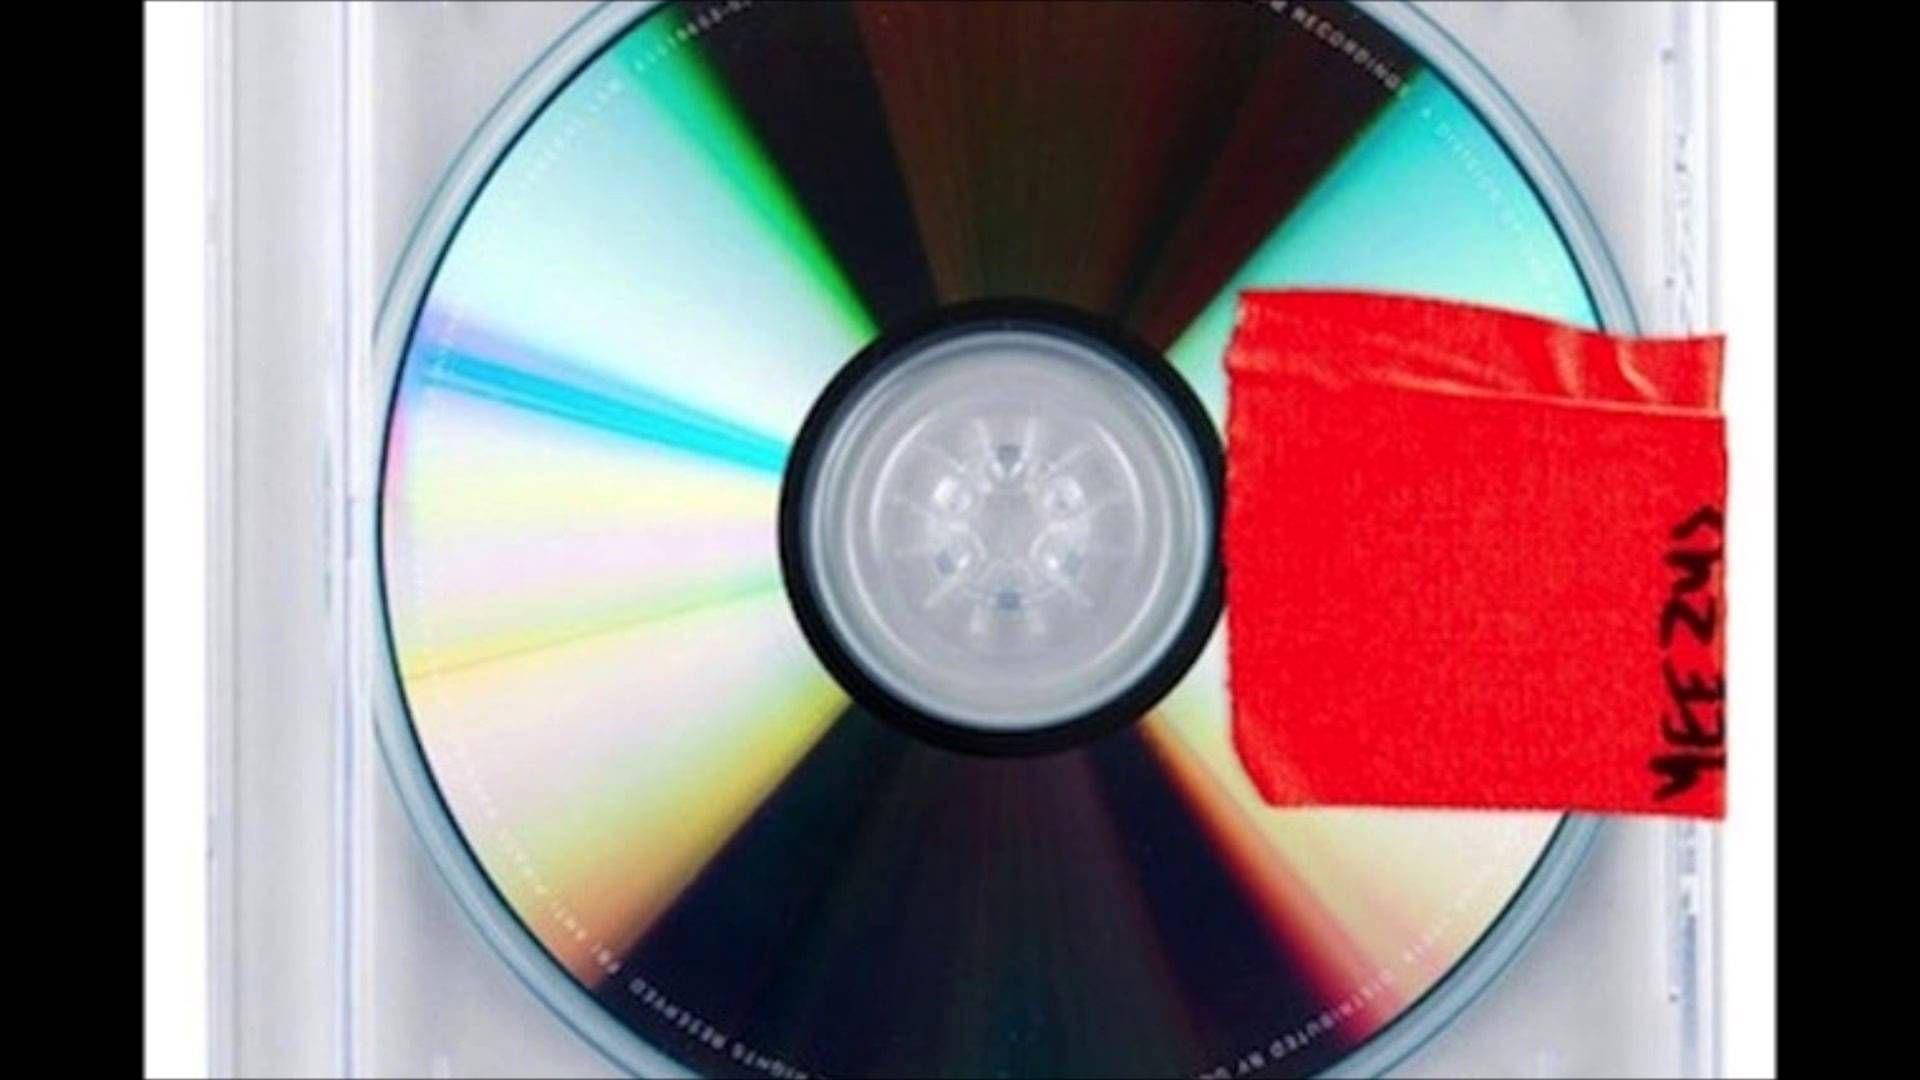 New Slaves Kanye West Yeezus Kanye West Album Cover Yeezus Kanye Yeezus Album Cover